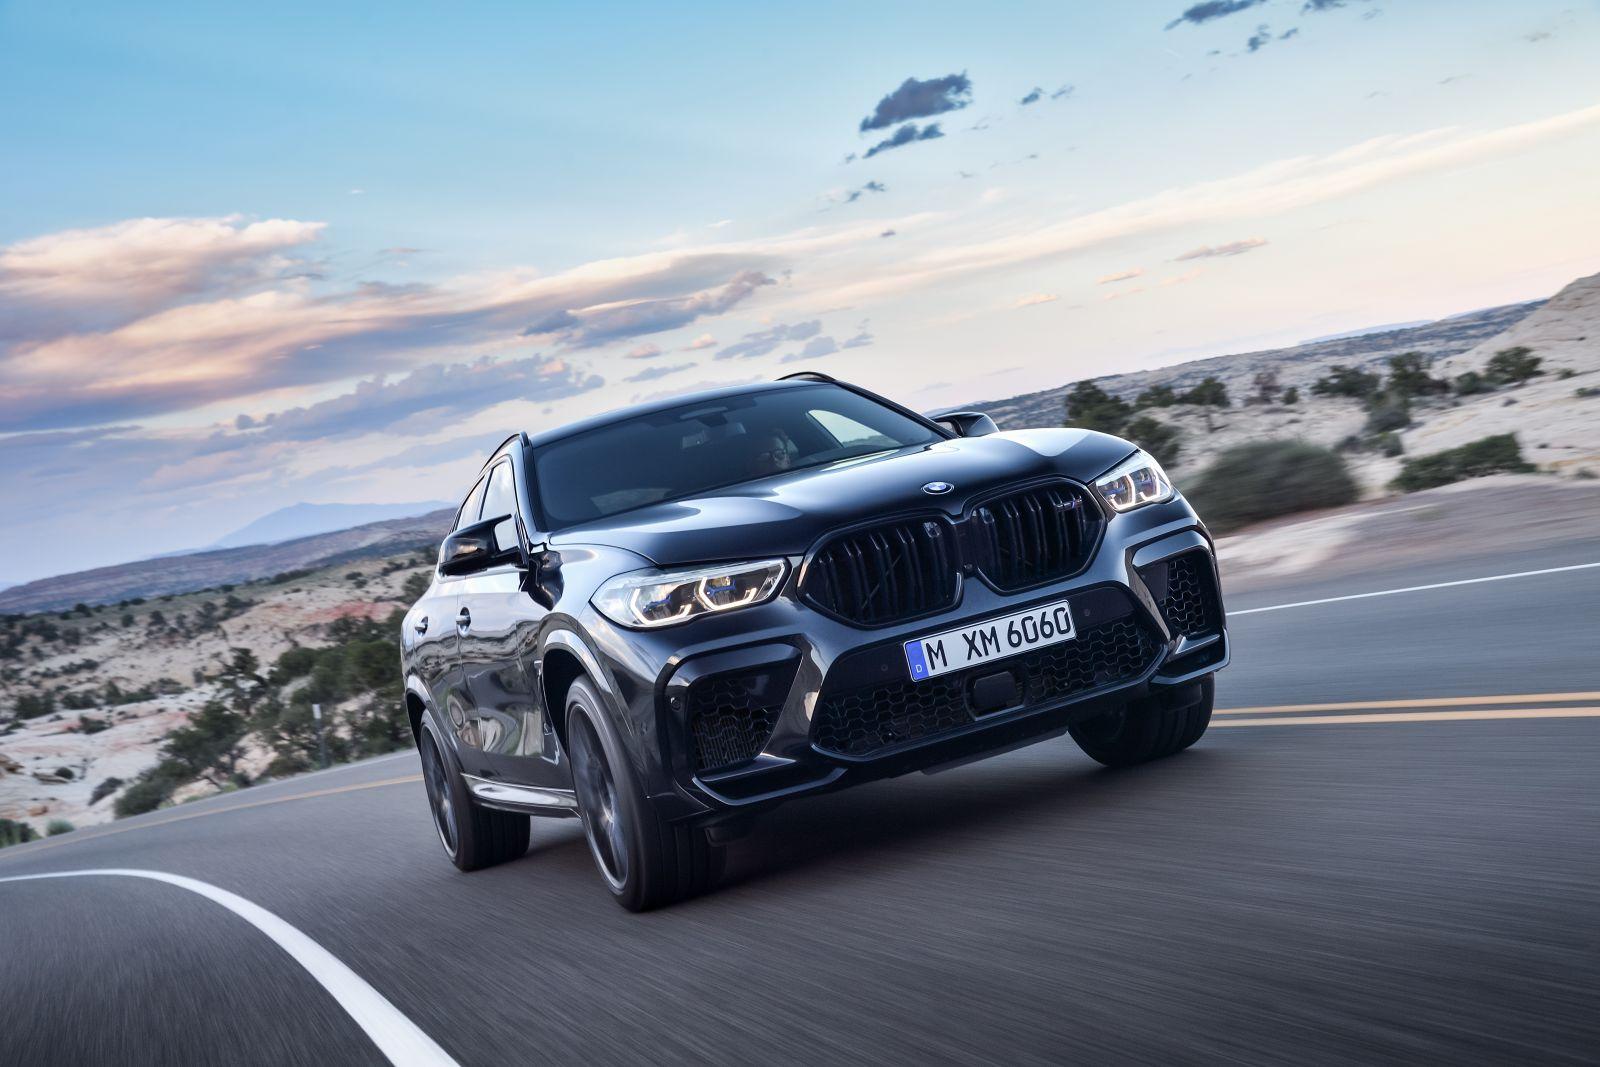 BMW X6 M AUTOGRÁTIS